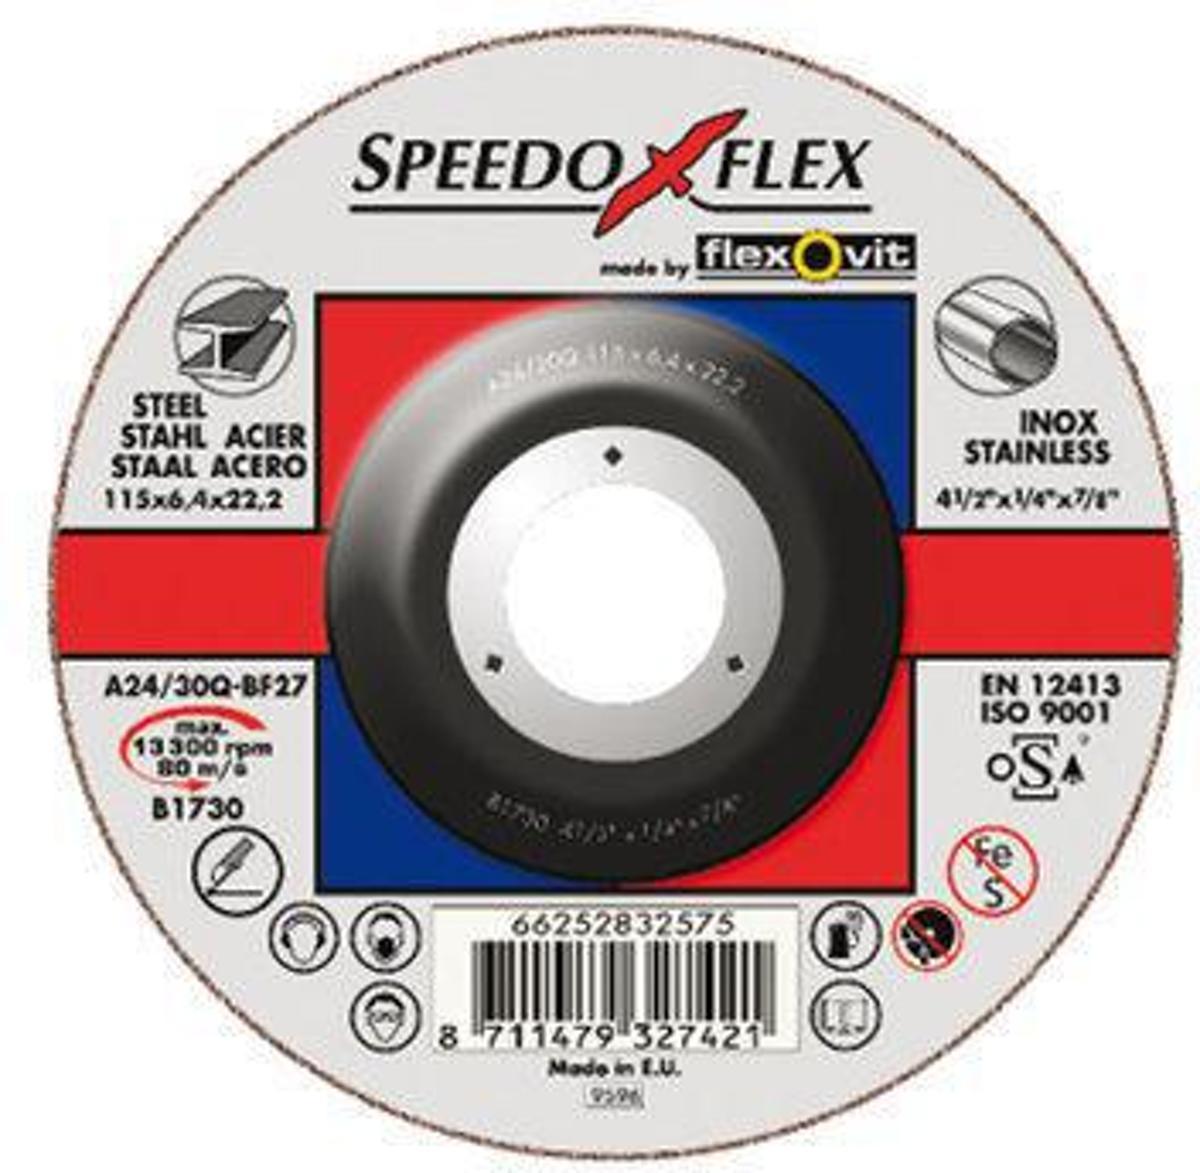 Speedoflex afbraamschijf SP A24/30Q 125x6.4x22.2 BF27 kopen